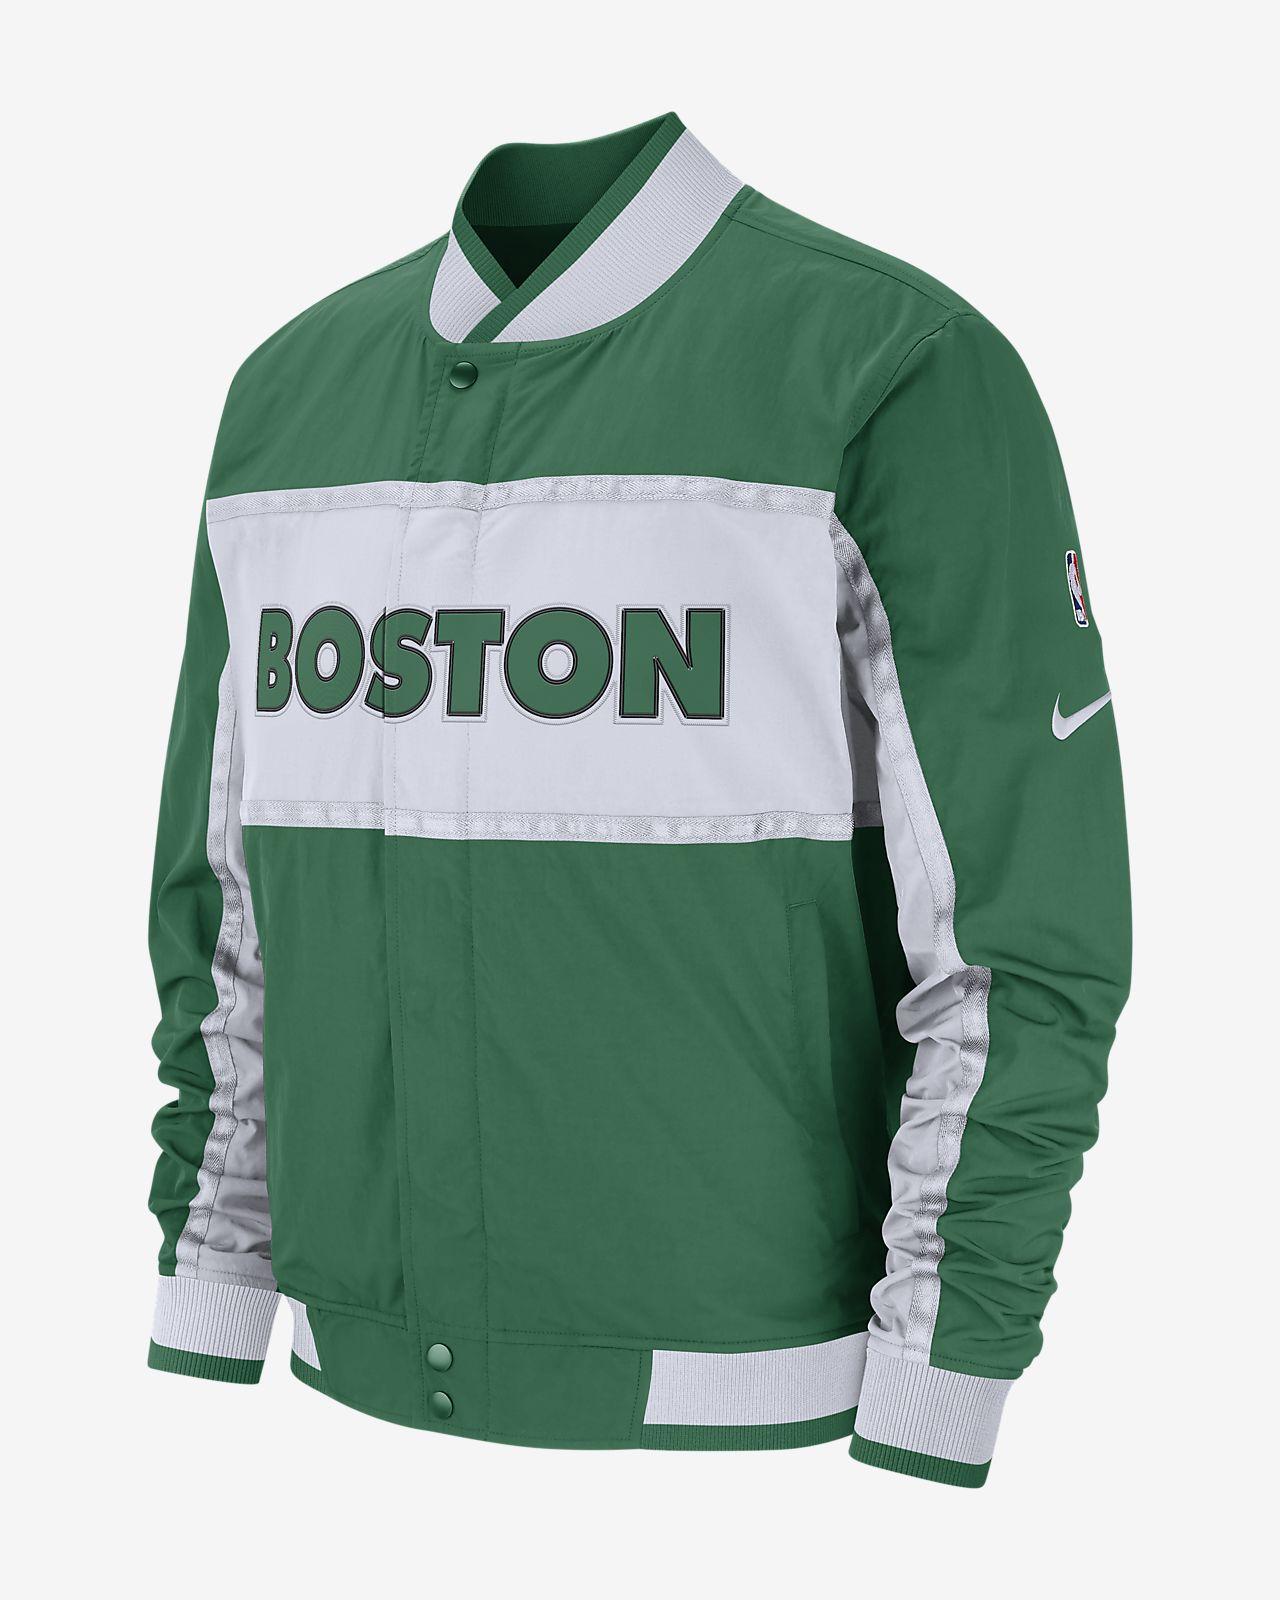 b92af4590 Boston Celtics Nike Courtside Men's NBA Jacket. Nike.com PT